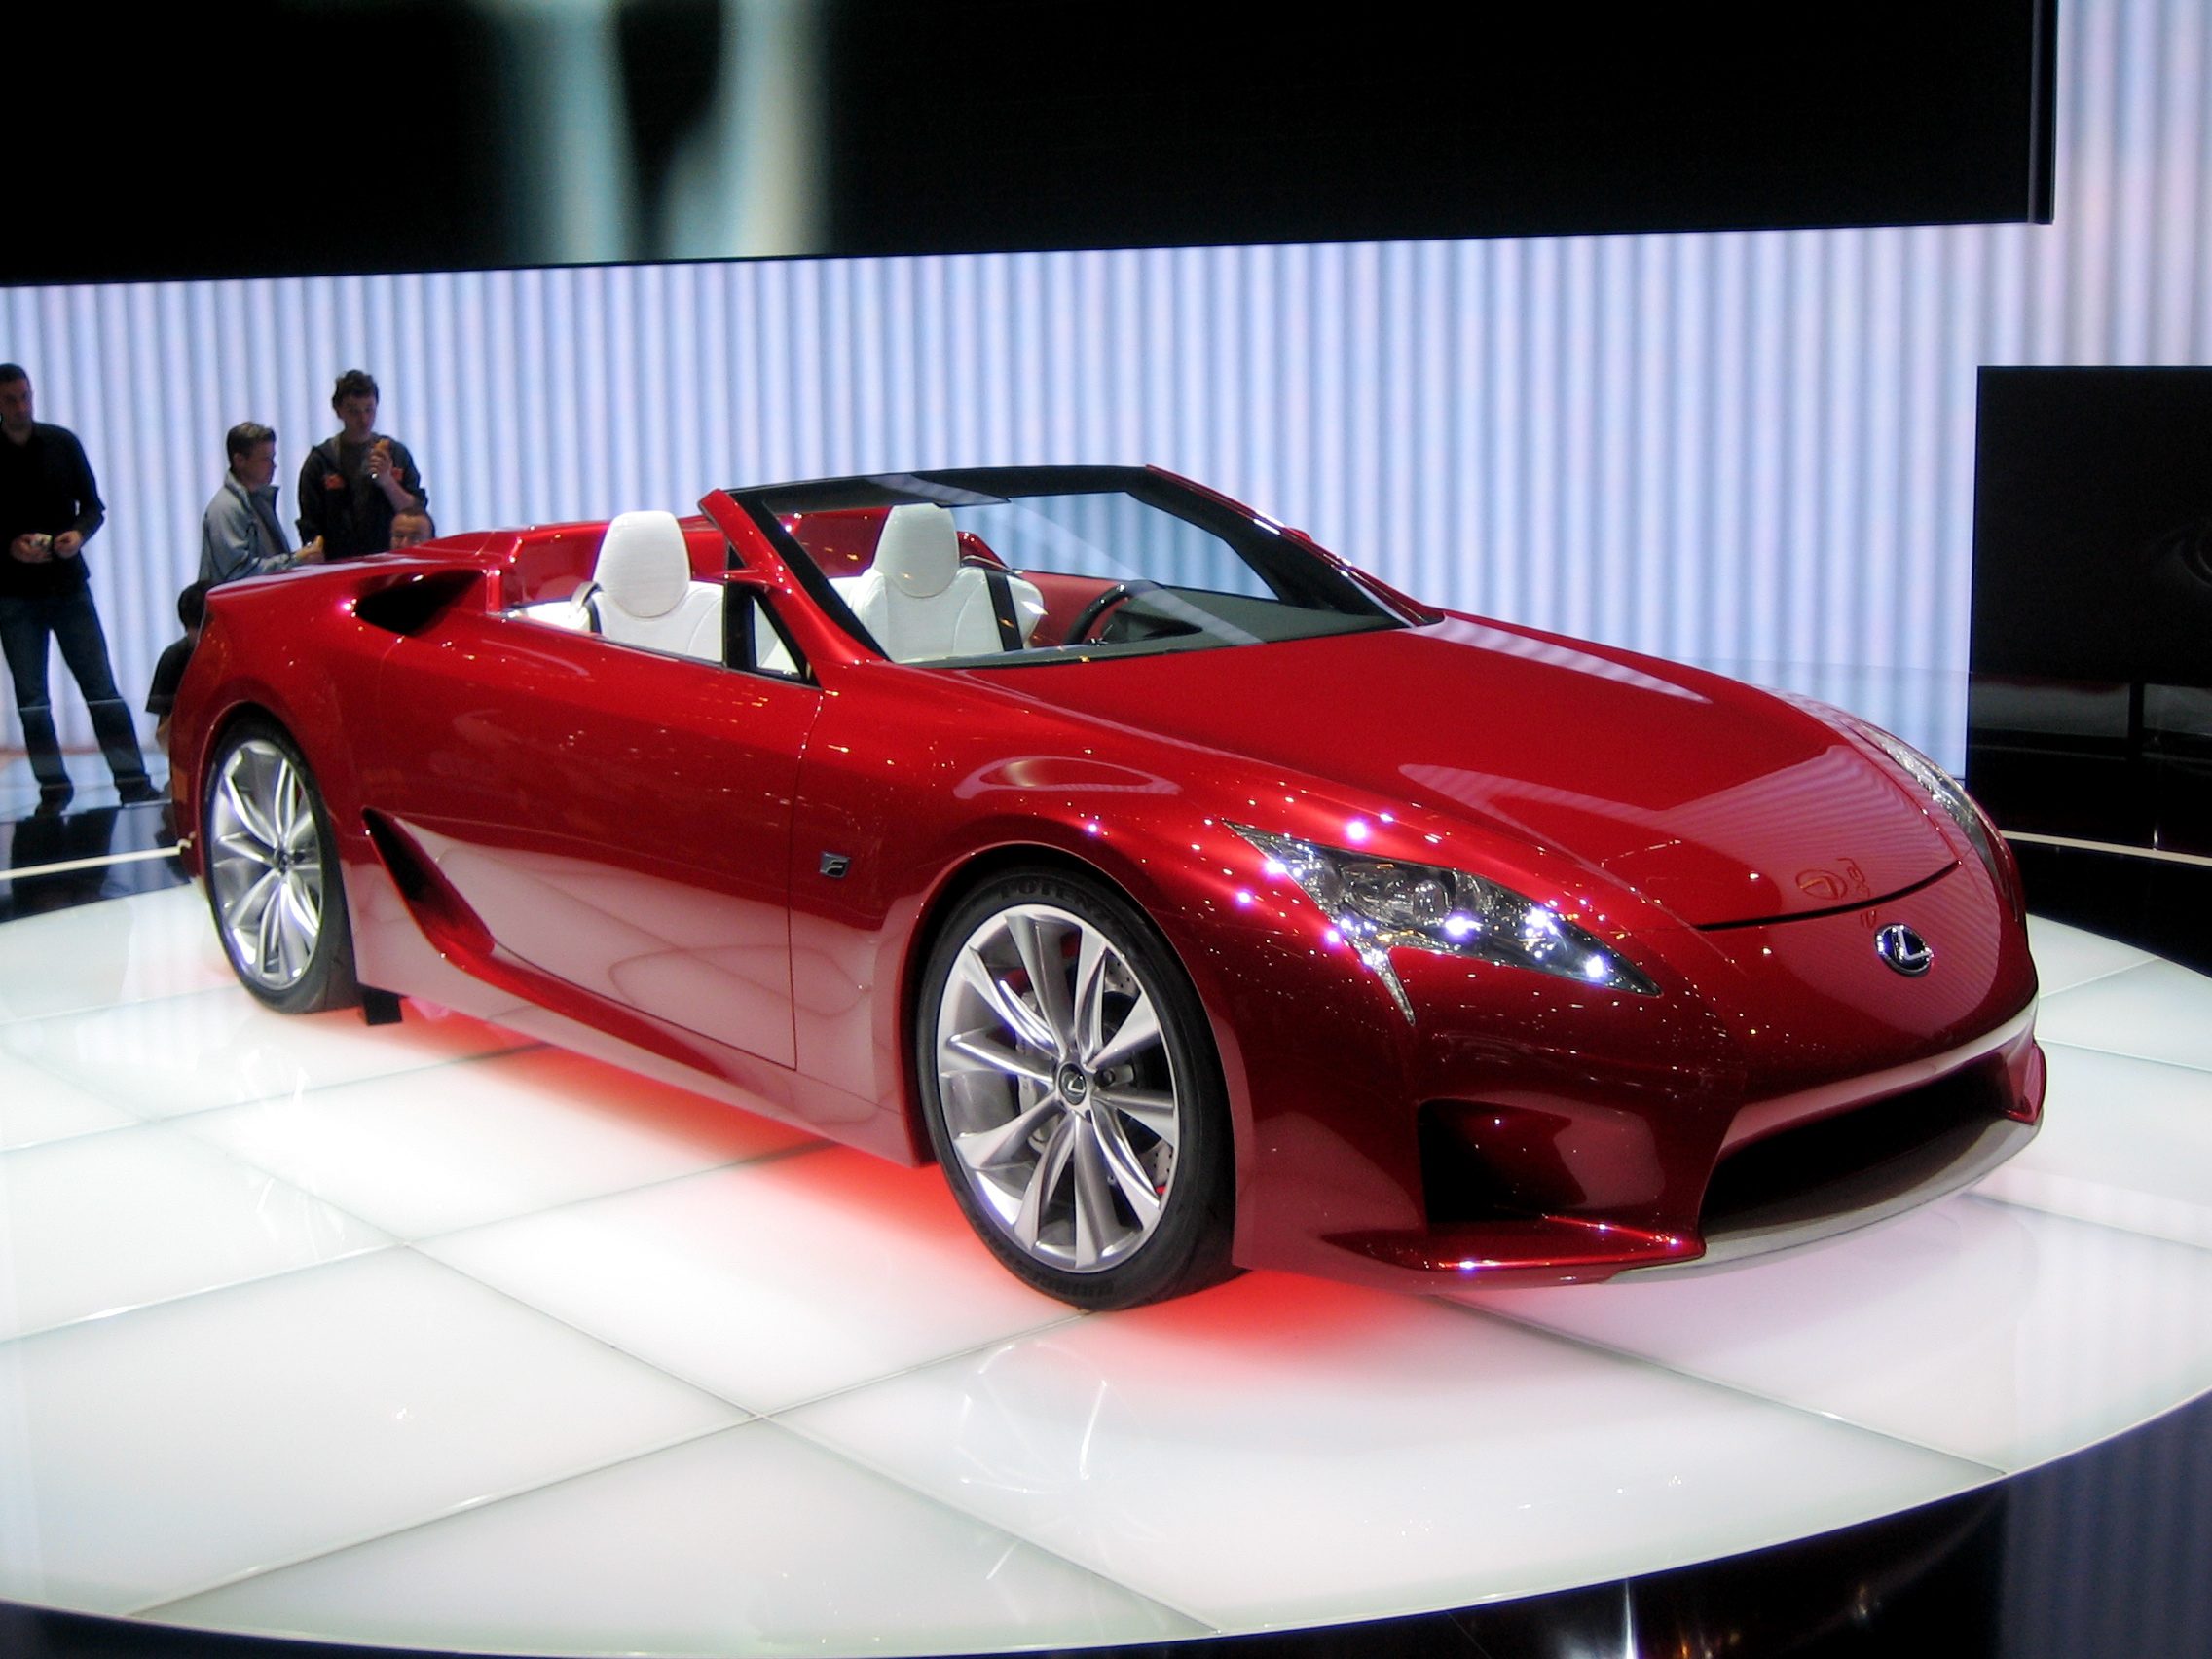 https://upload.wikimedia.org/wikipedia/commons/a/a9/Lexus_LF-A_Roadster_Geneva_2008.jpg